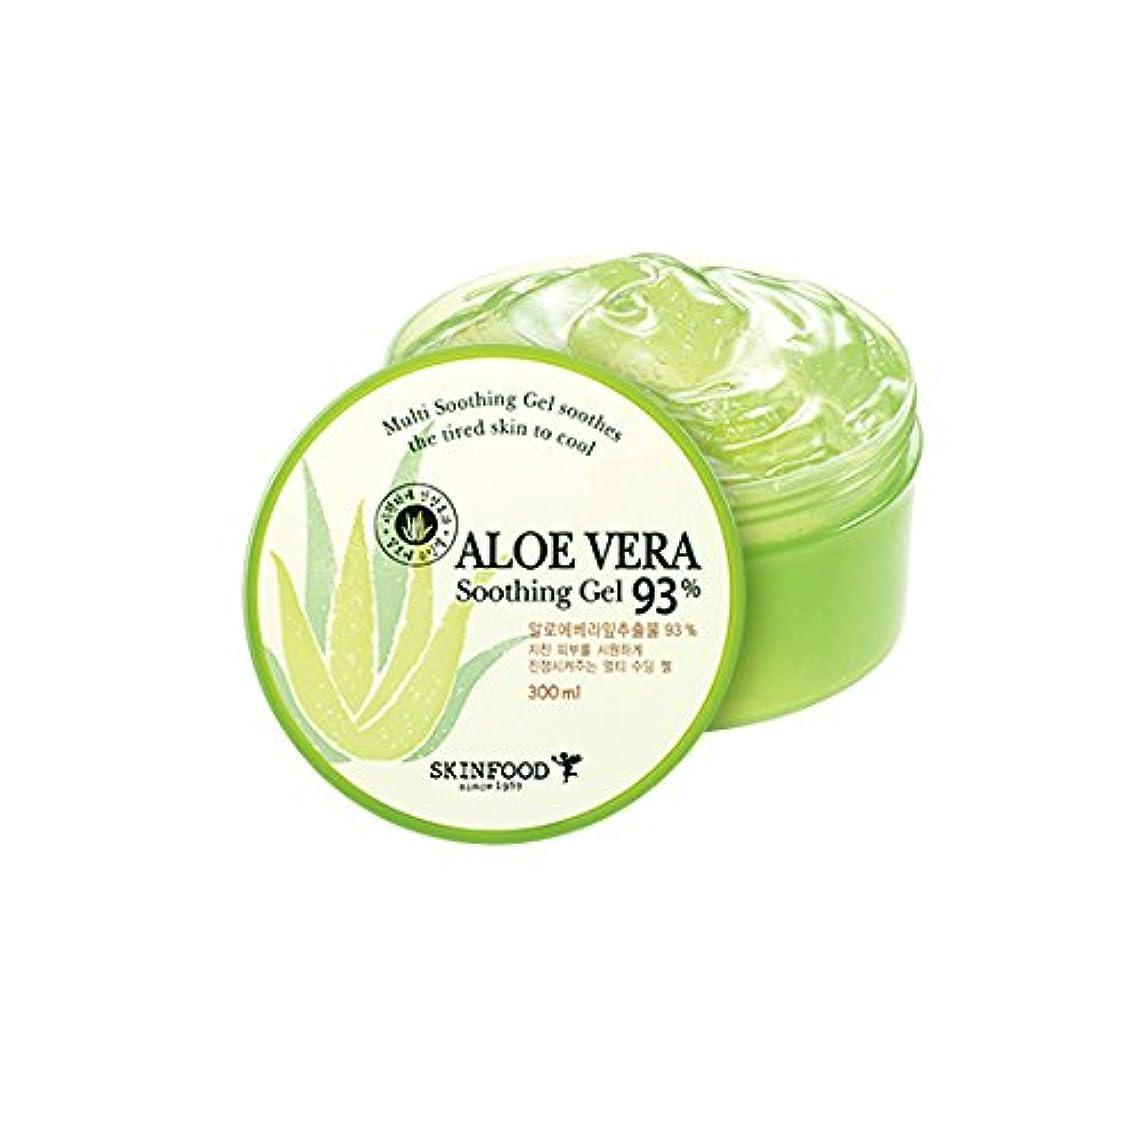 文明化昇進摩擦Skinfood アロエベラ93%スージングジェル/Aloe Vera 93% Soothing Gel 300ml [並行輸入品]